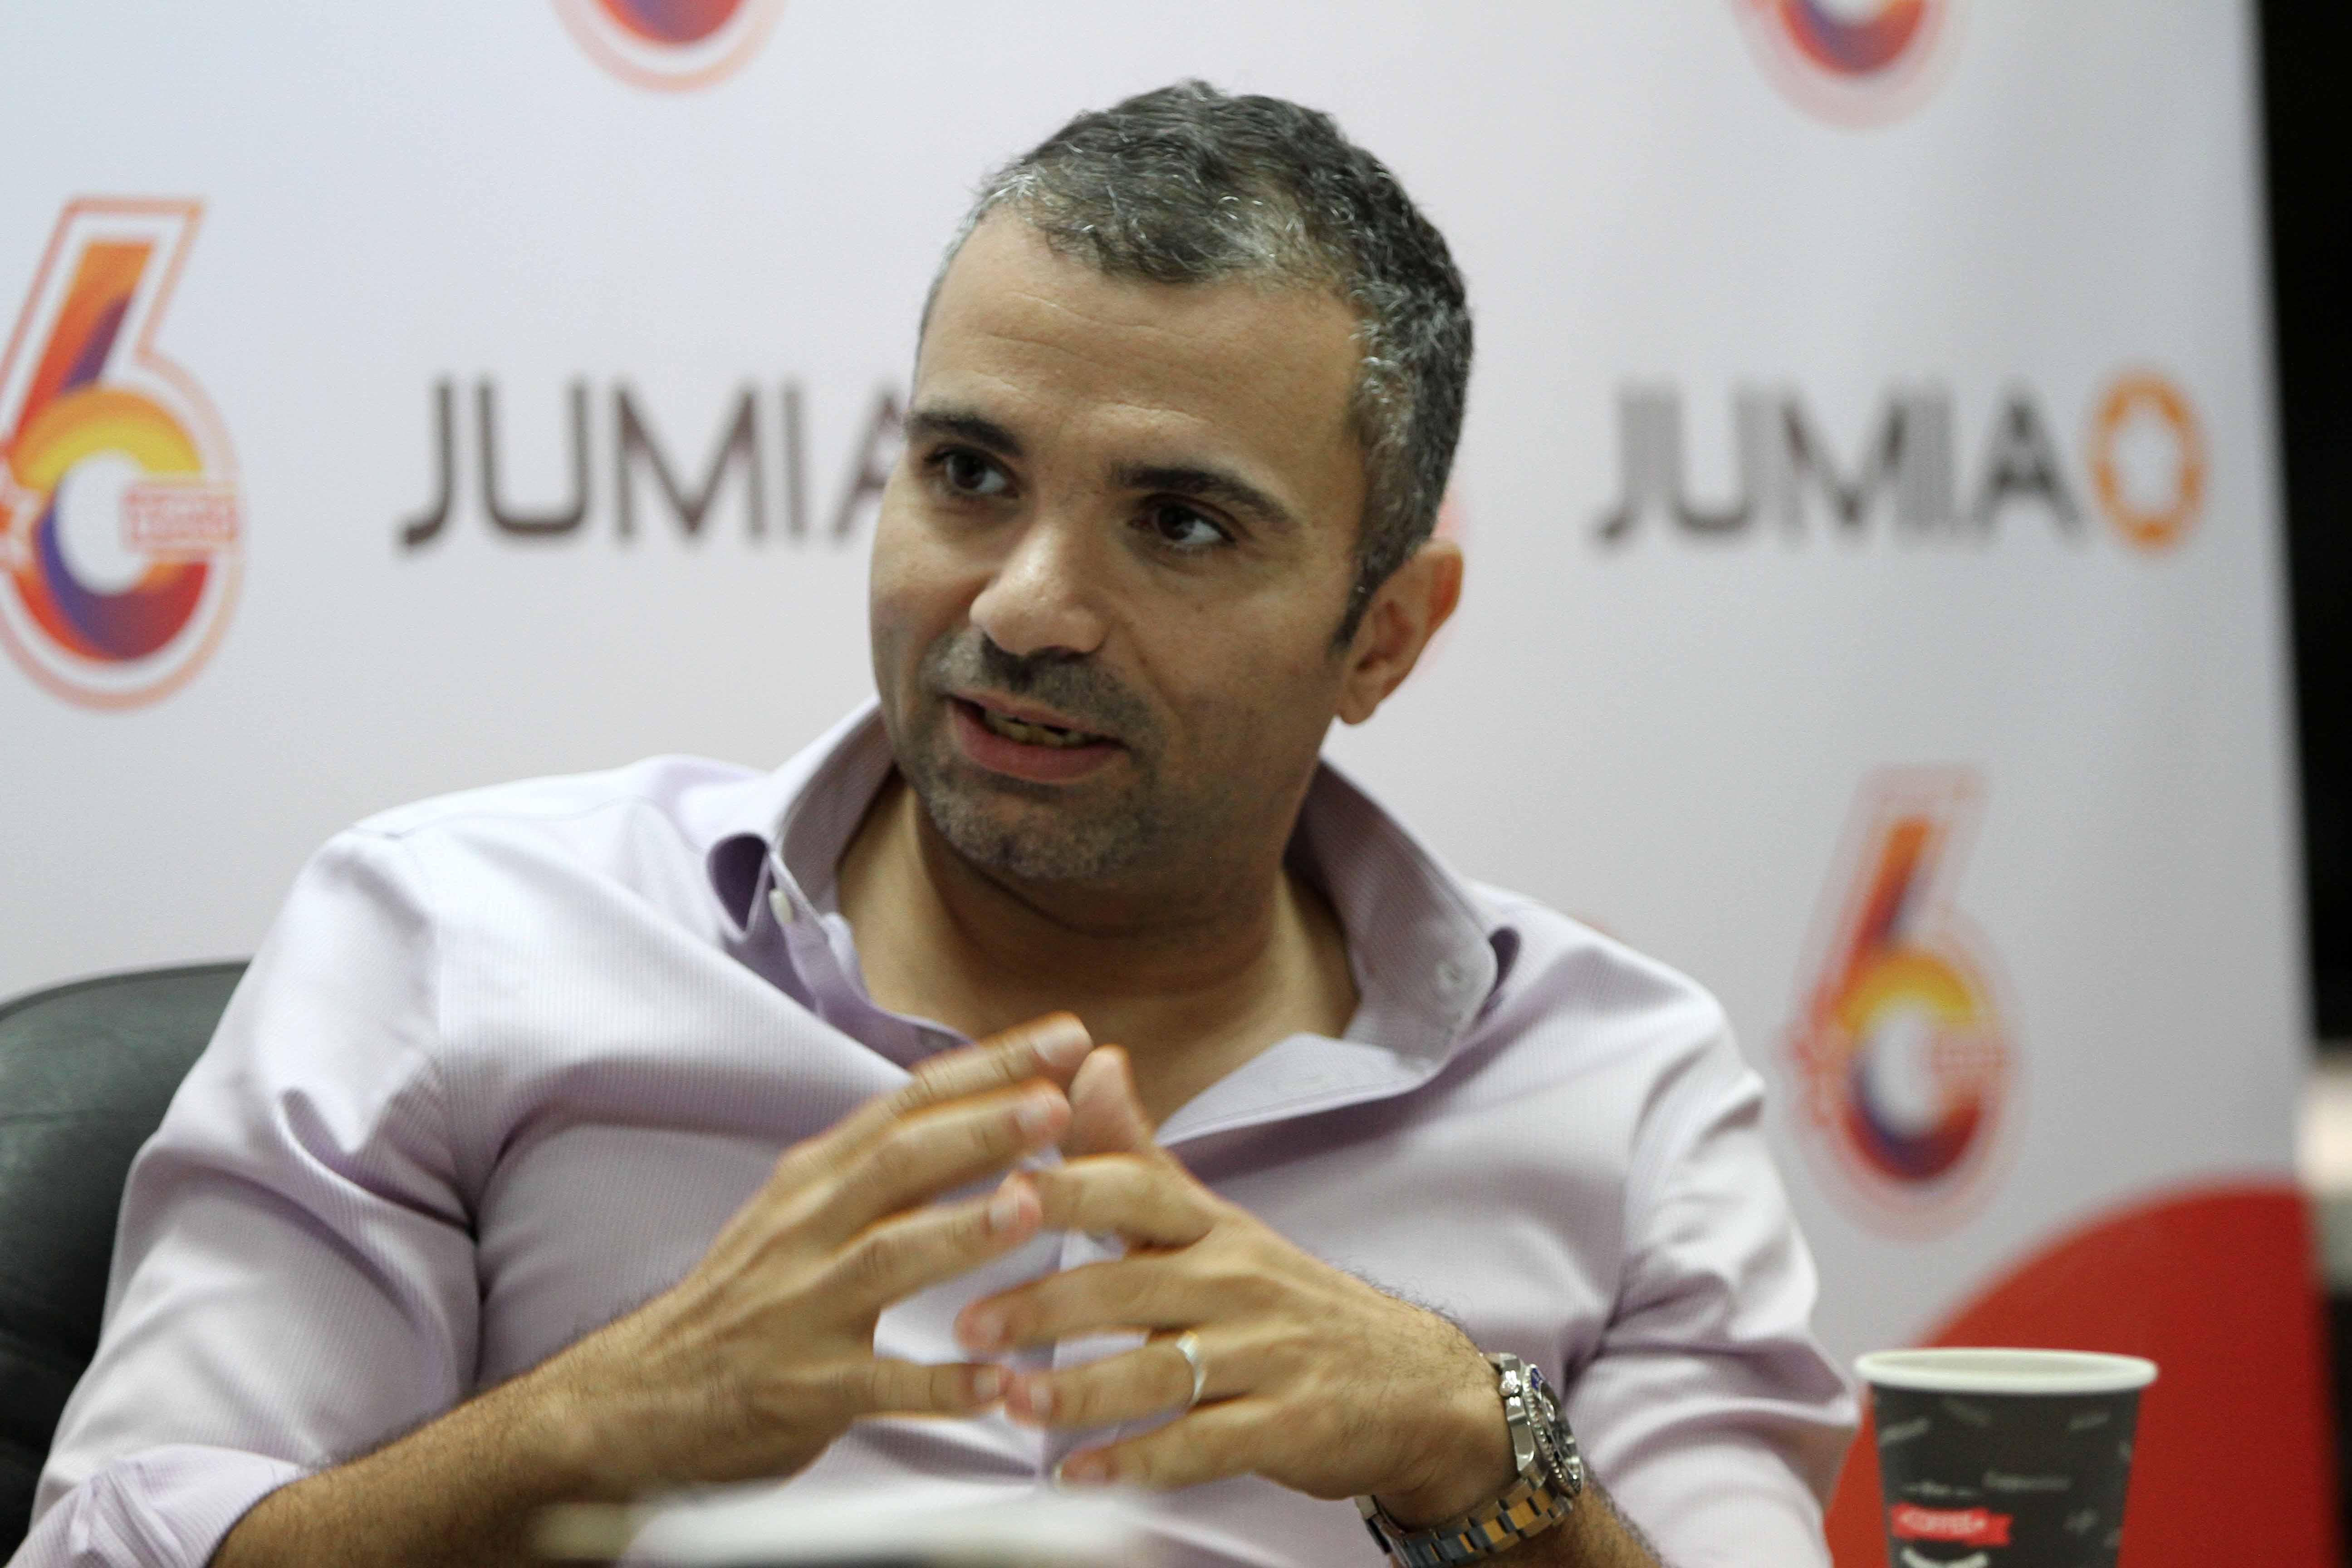 هشام صفوت يؤكد زيادة نسبة مبيعات الصناعات المصريى